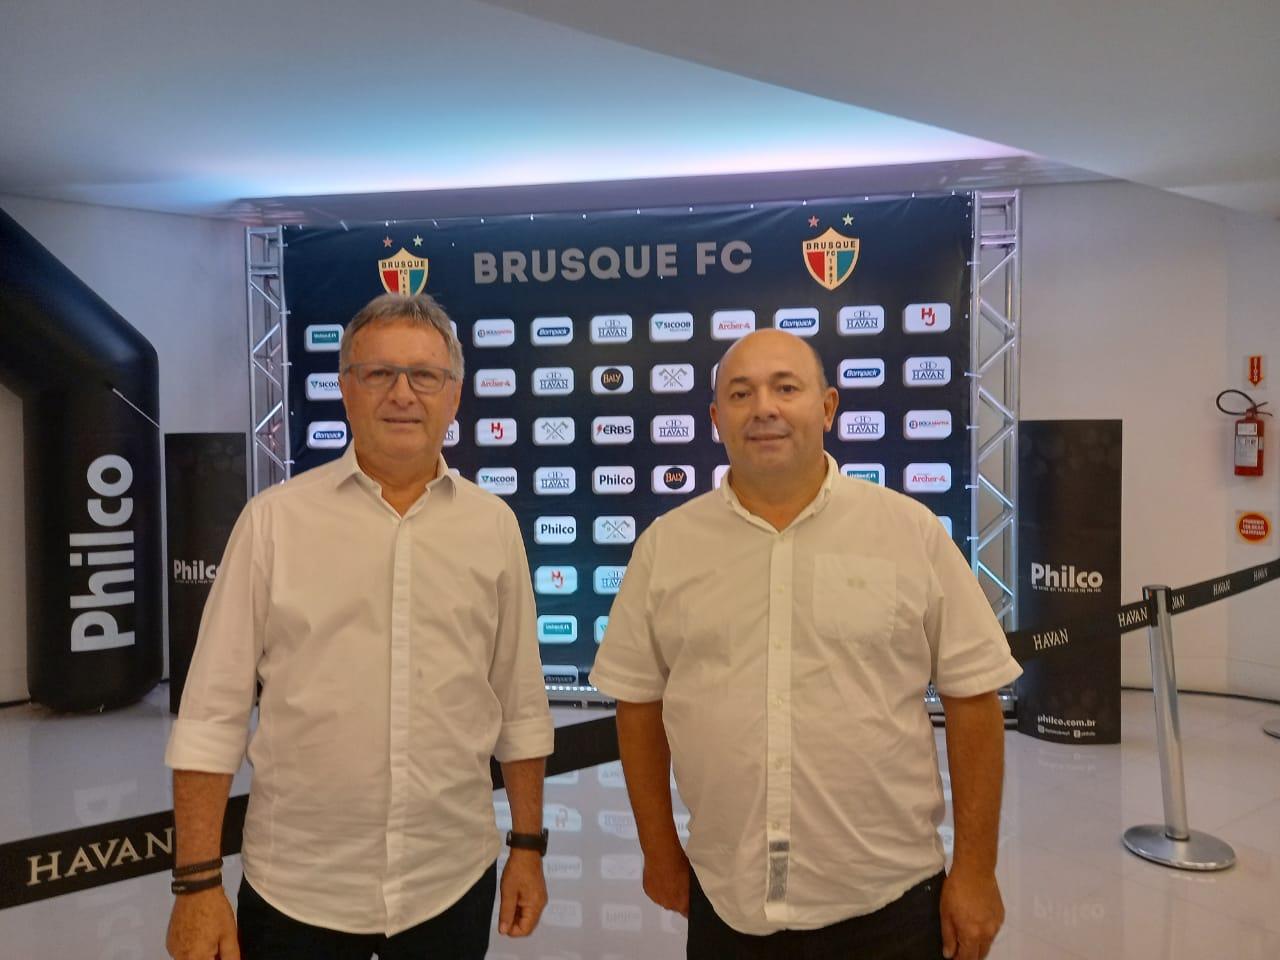 Prefeito Ari Vequi prestigia lançamento do novo uniforme e apresentação do elenco do Brusque Futebol Clube